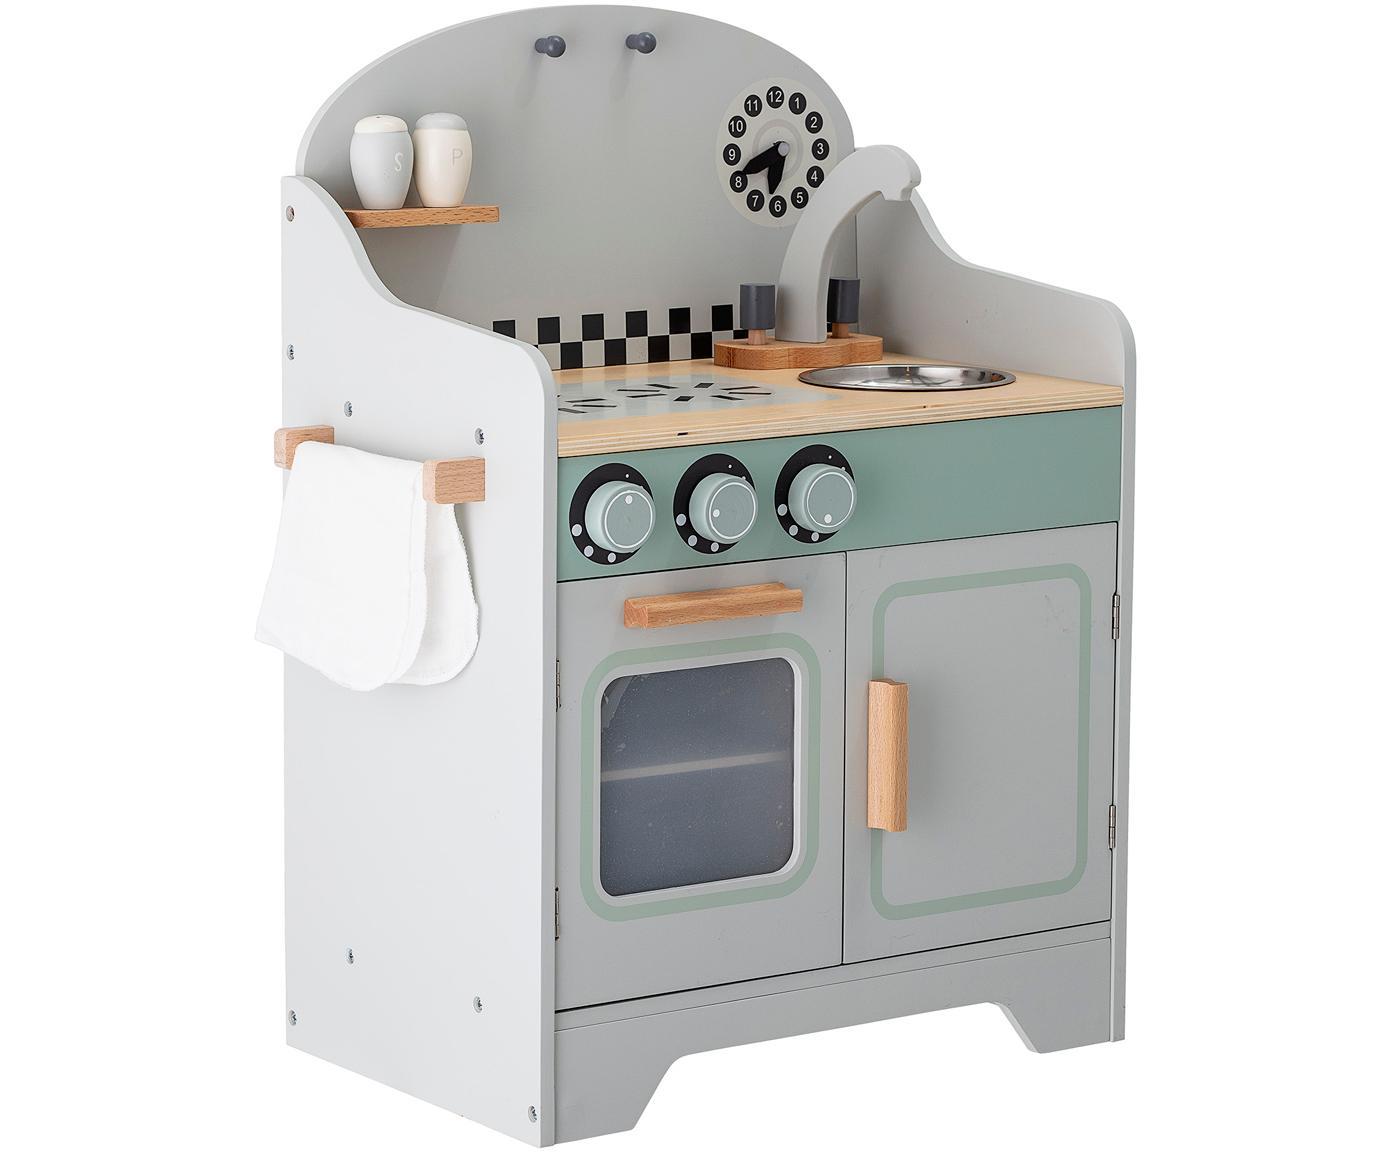 Spielzeug-Küche Minicook, Mitteldichte Holzfaserplatte, Lotusholz, Grau, 43 x 58 cm